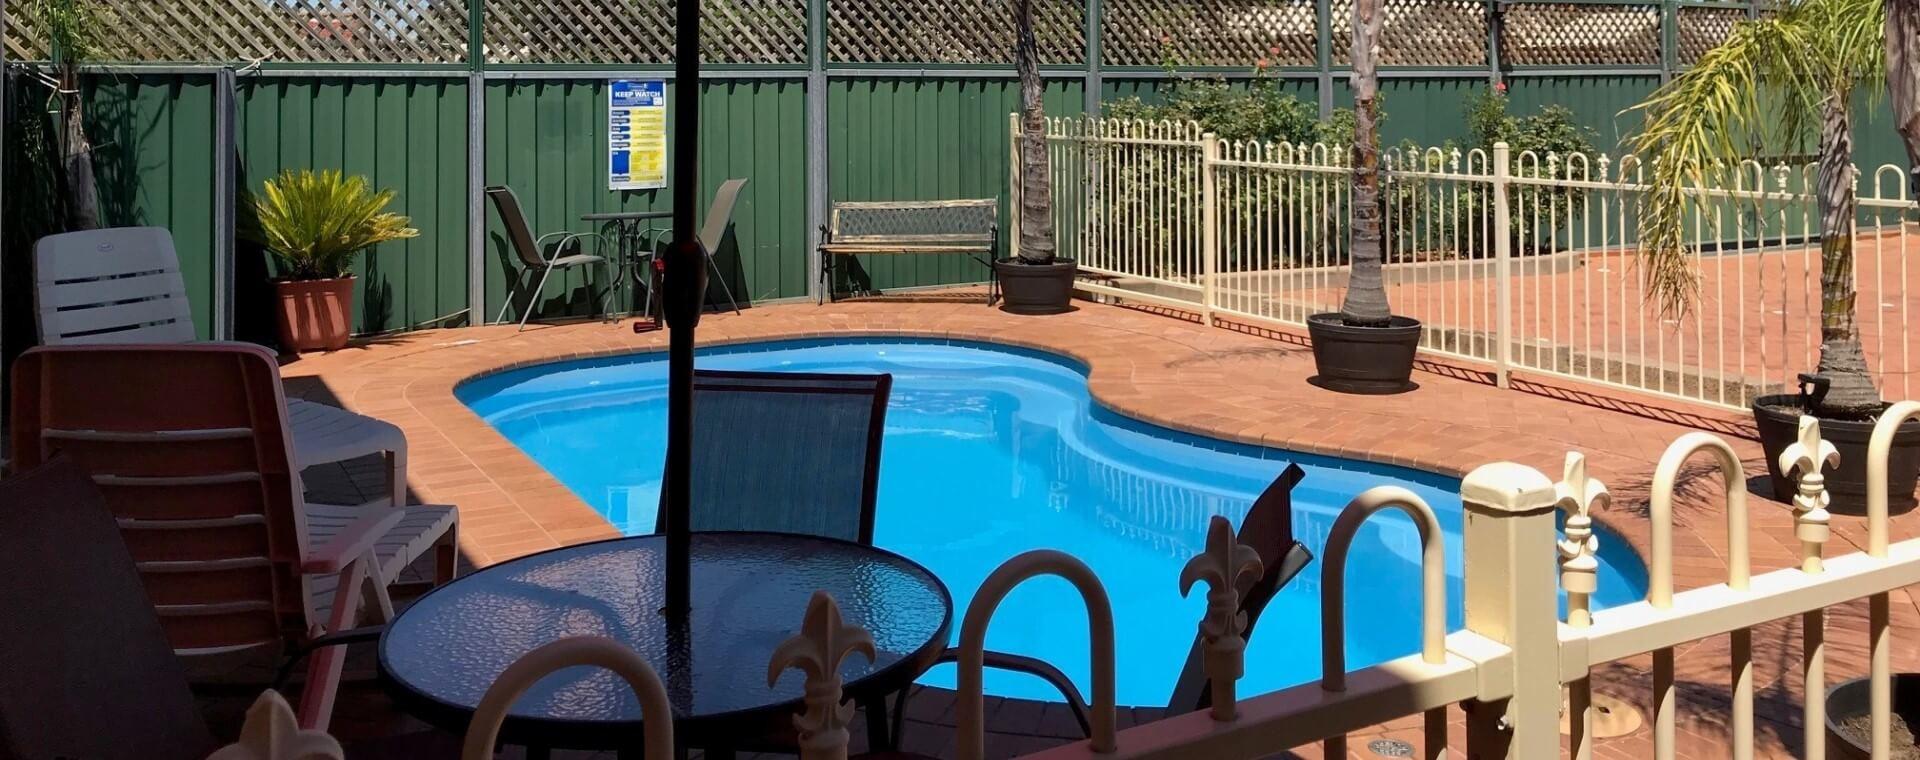 Pool - Endeavour Court Motor Inn Dubbo NSW